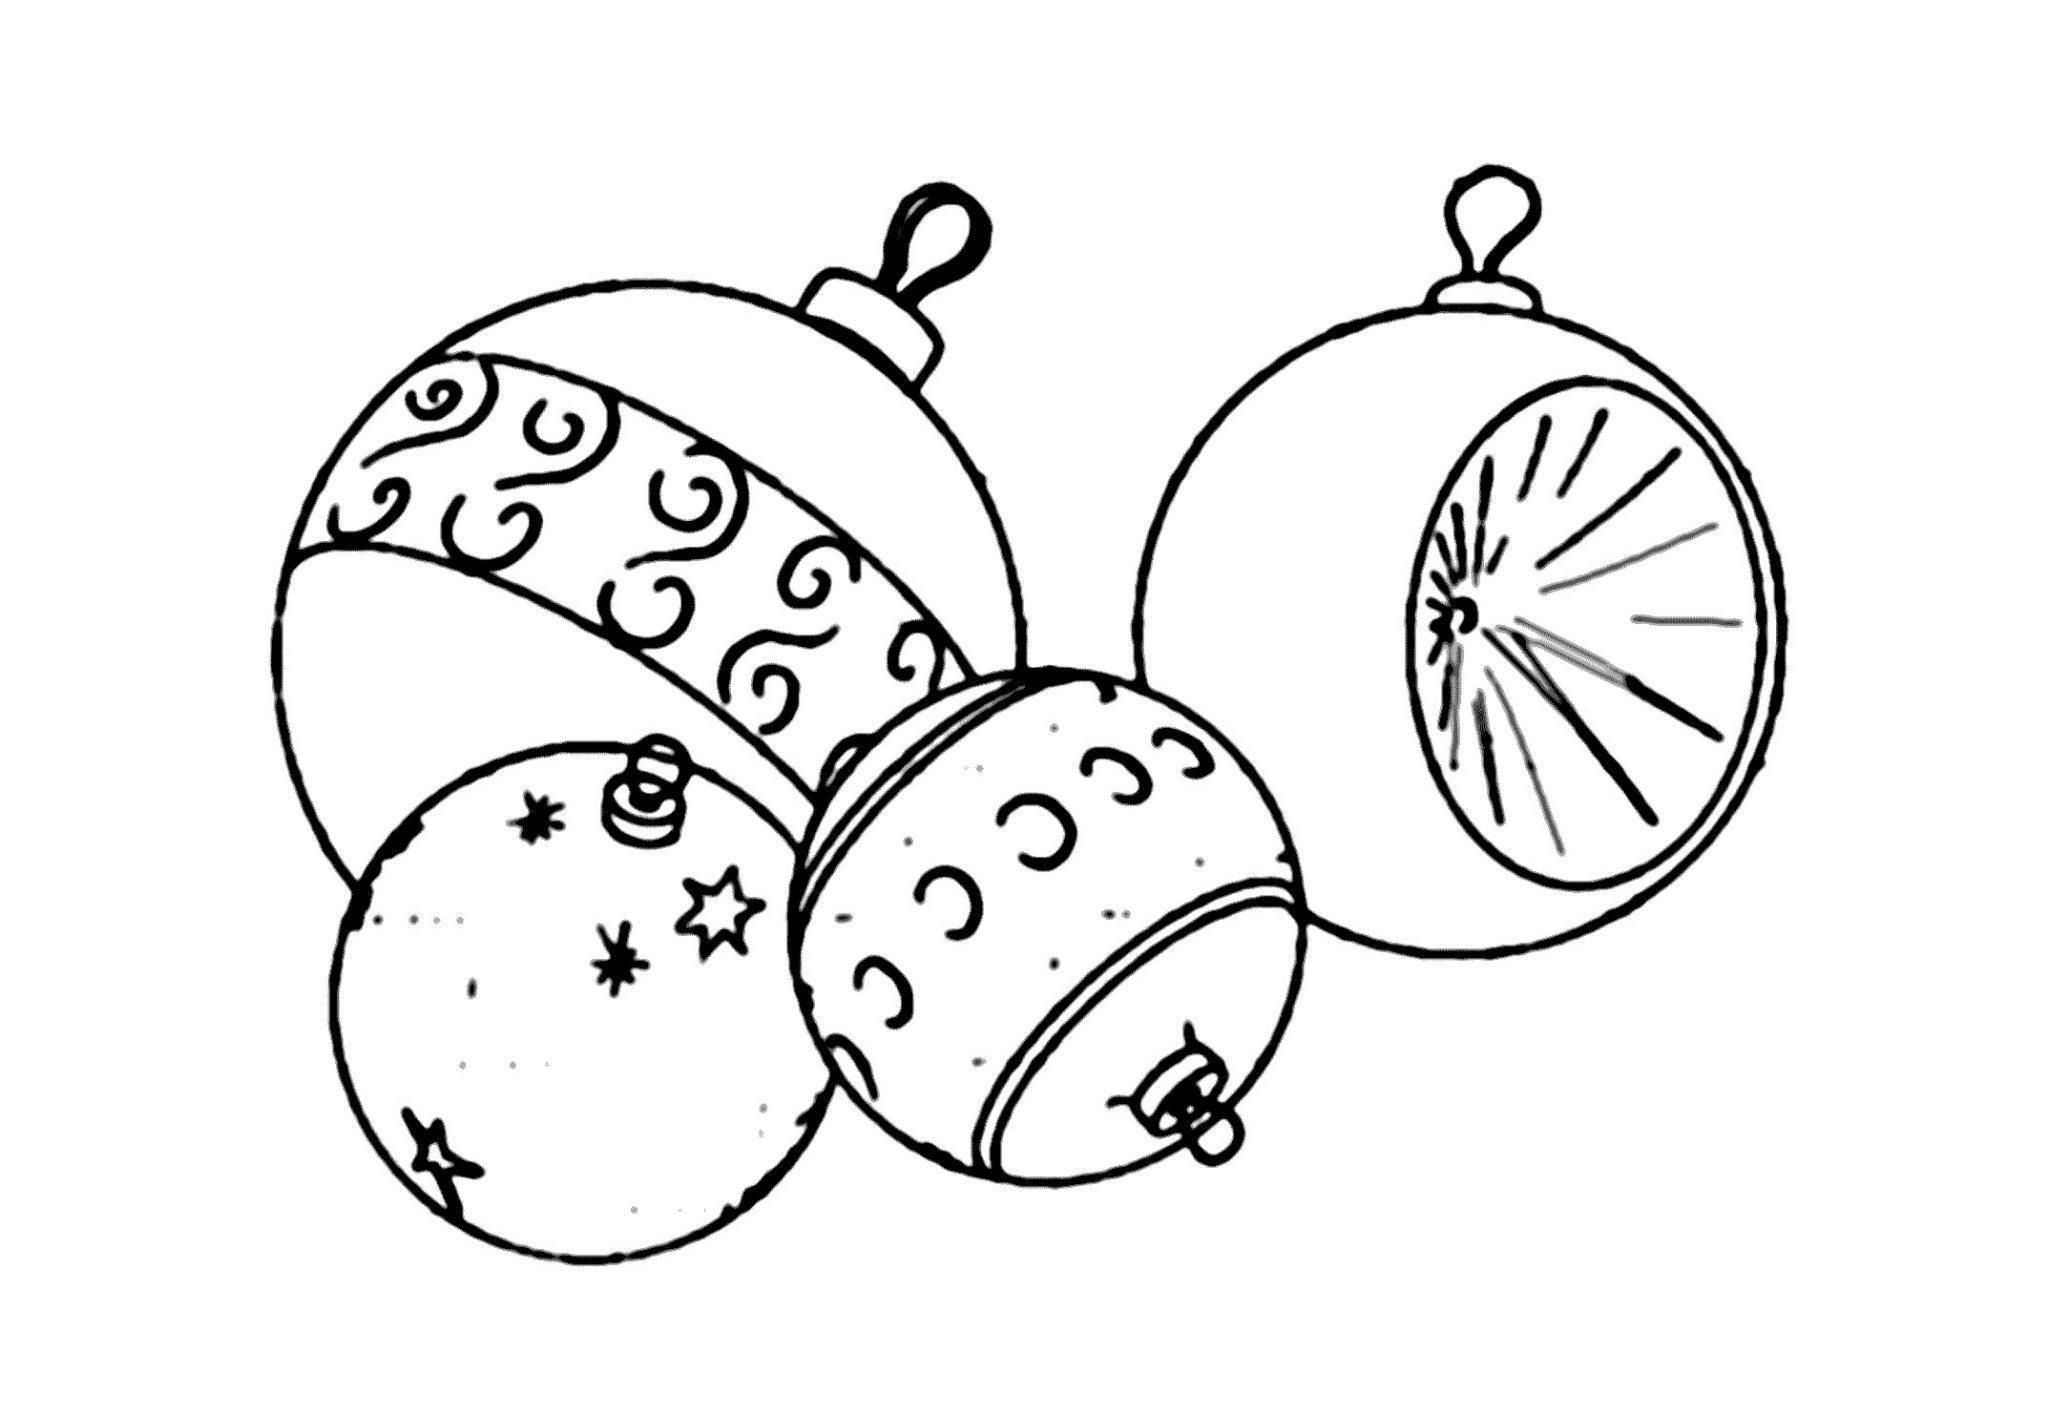 Картинка елочный шарик раскраска